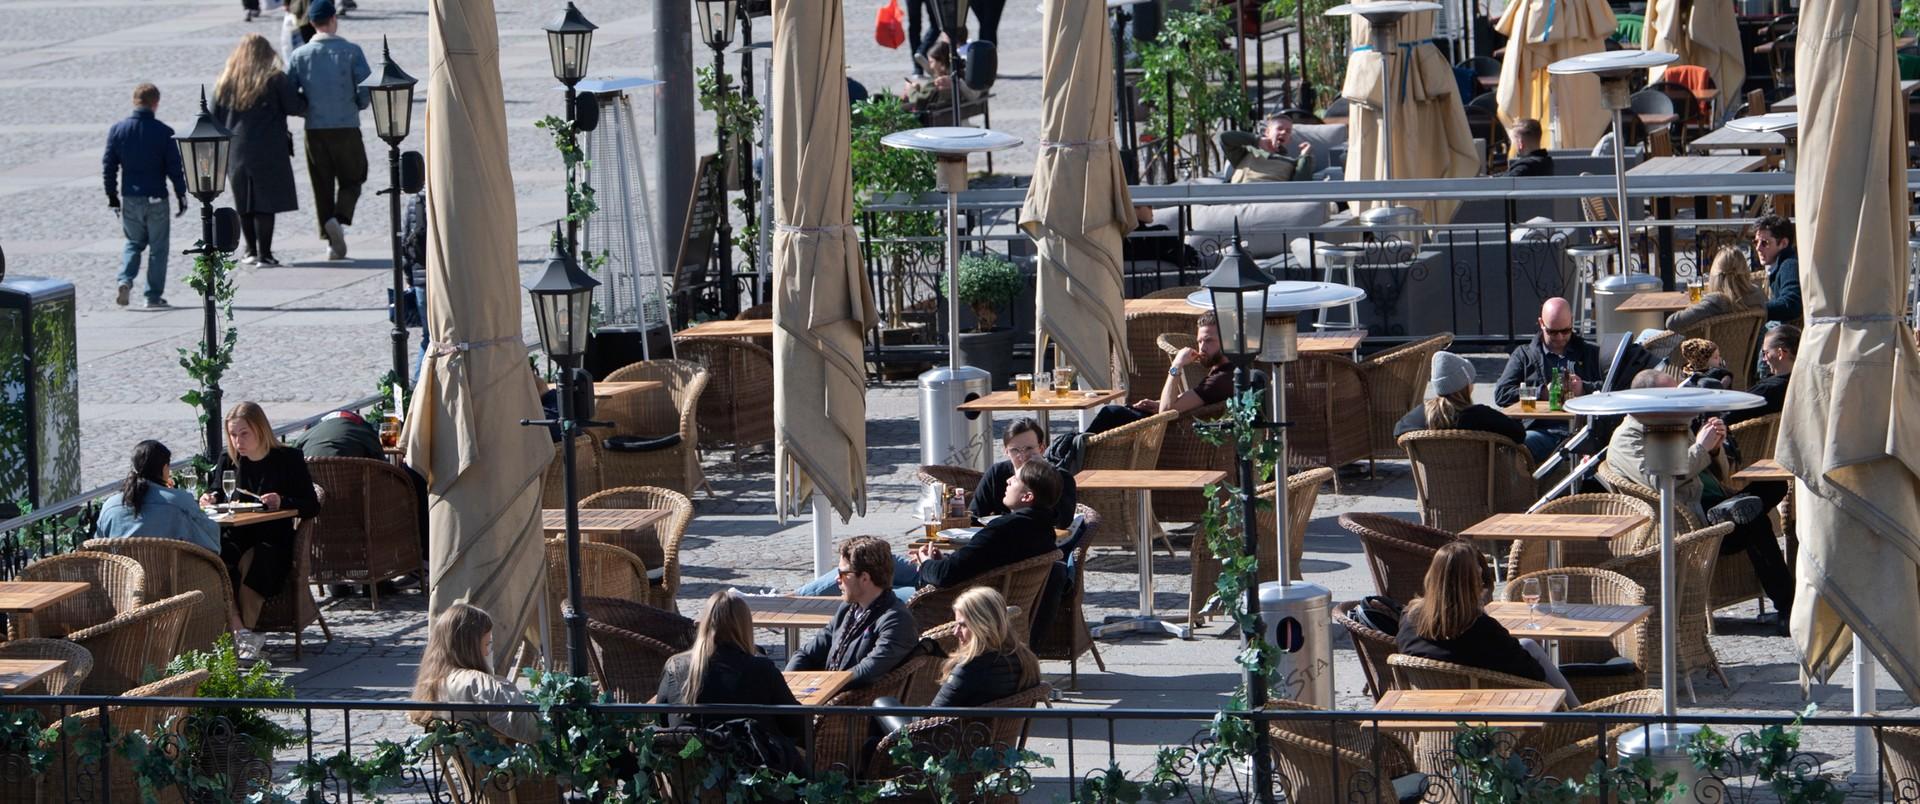 Otwarte sklepy i restauracje. Czy powinniśmy zazdrościć Szwedom?